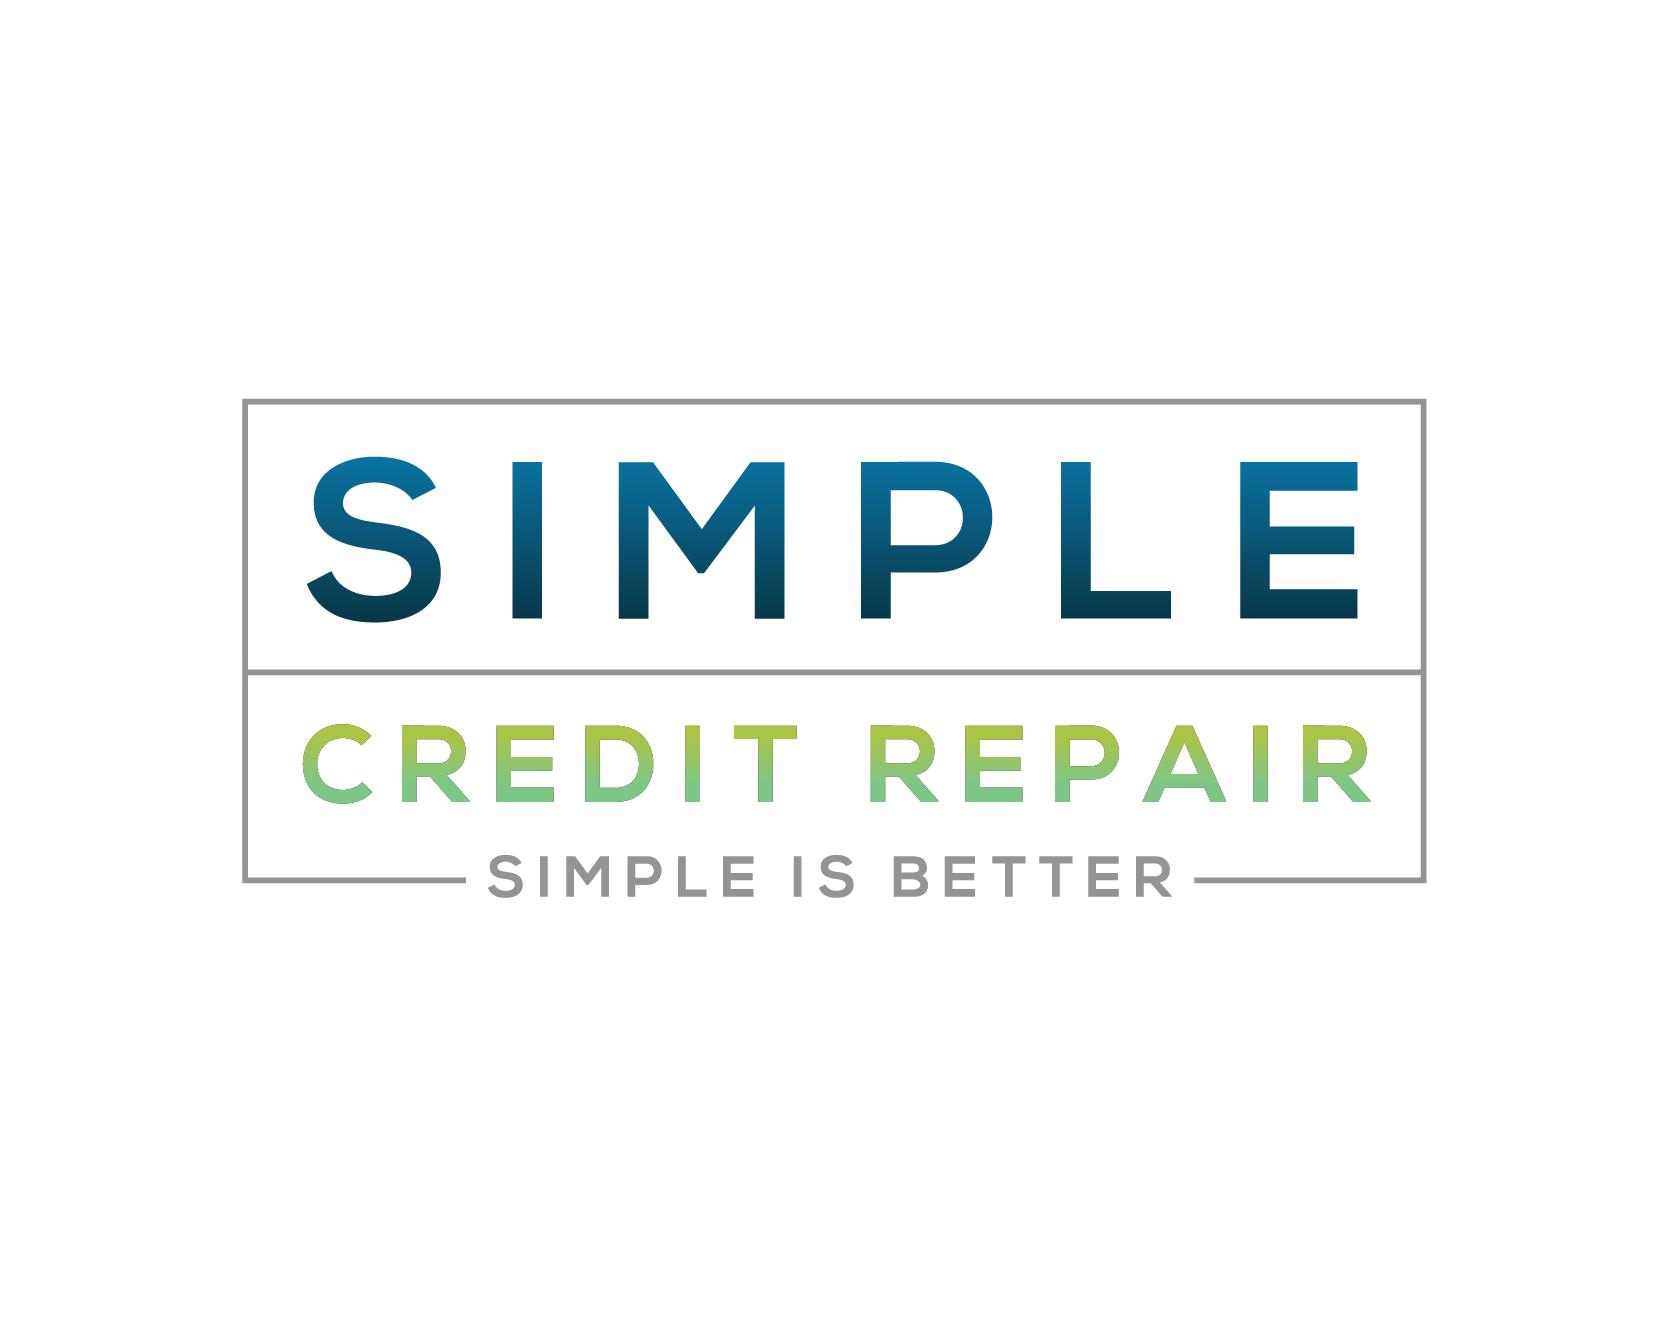 Logo Design Contest for Simple Credit Repair.